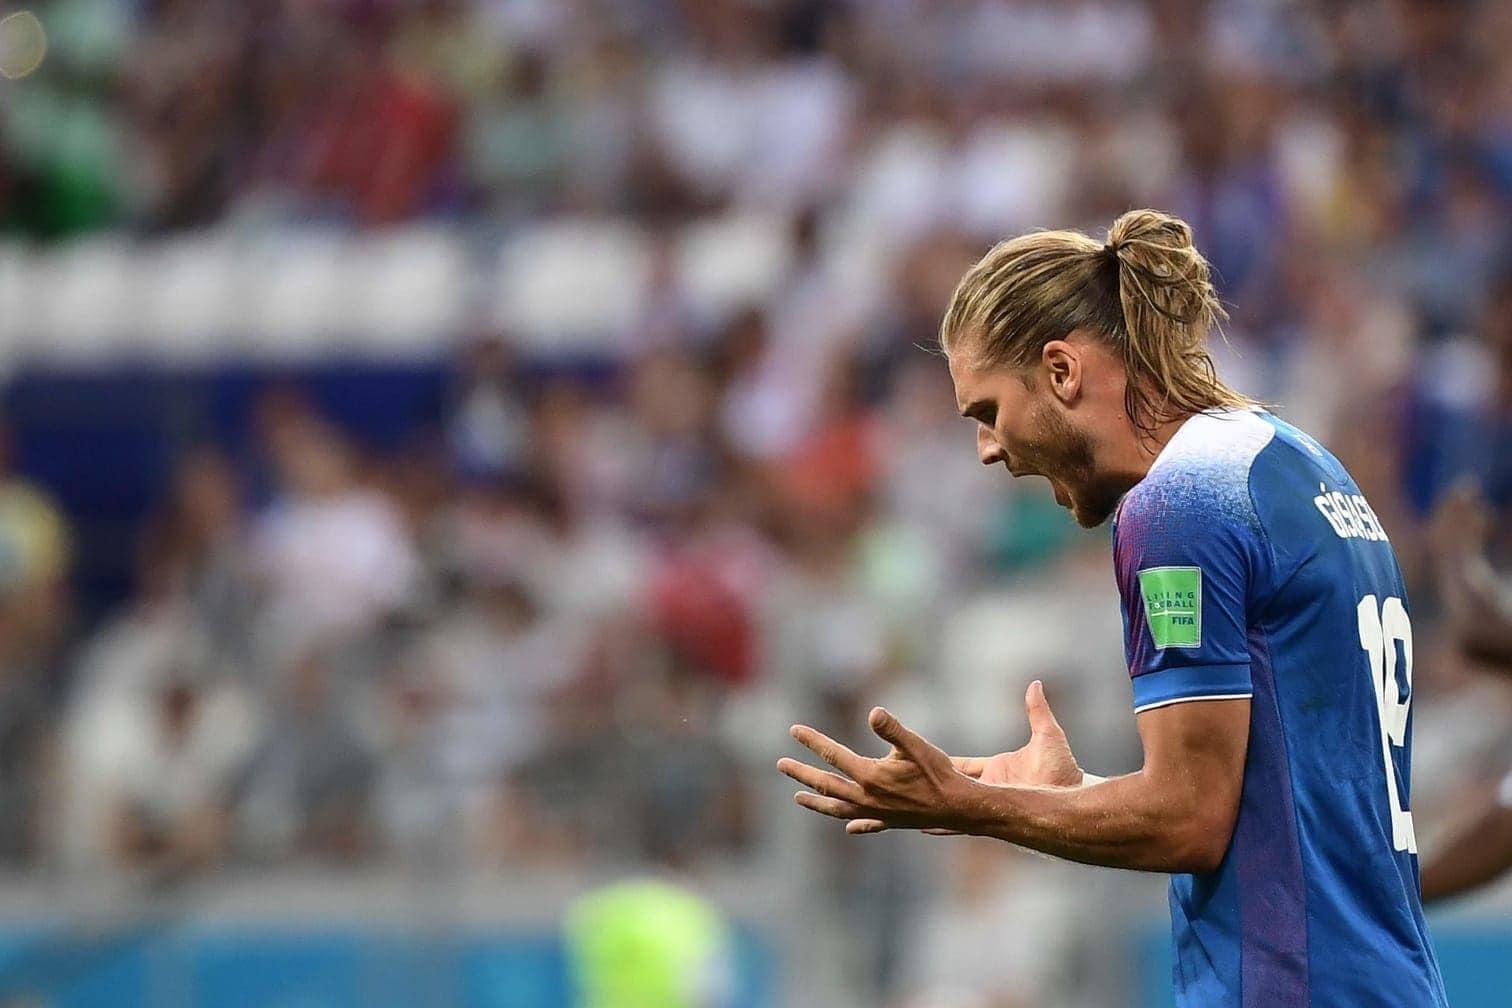 <p>Sieben Tage nach seinem WM-Debüt hat Islands Nationalspieler Rúrik Gíslason bei Instagram am Samstagabend die Marke von einer Million Follower geknackt.</p> Foto: AFP